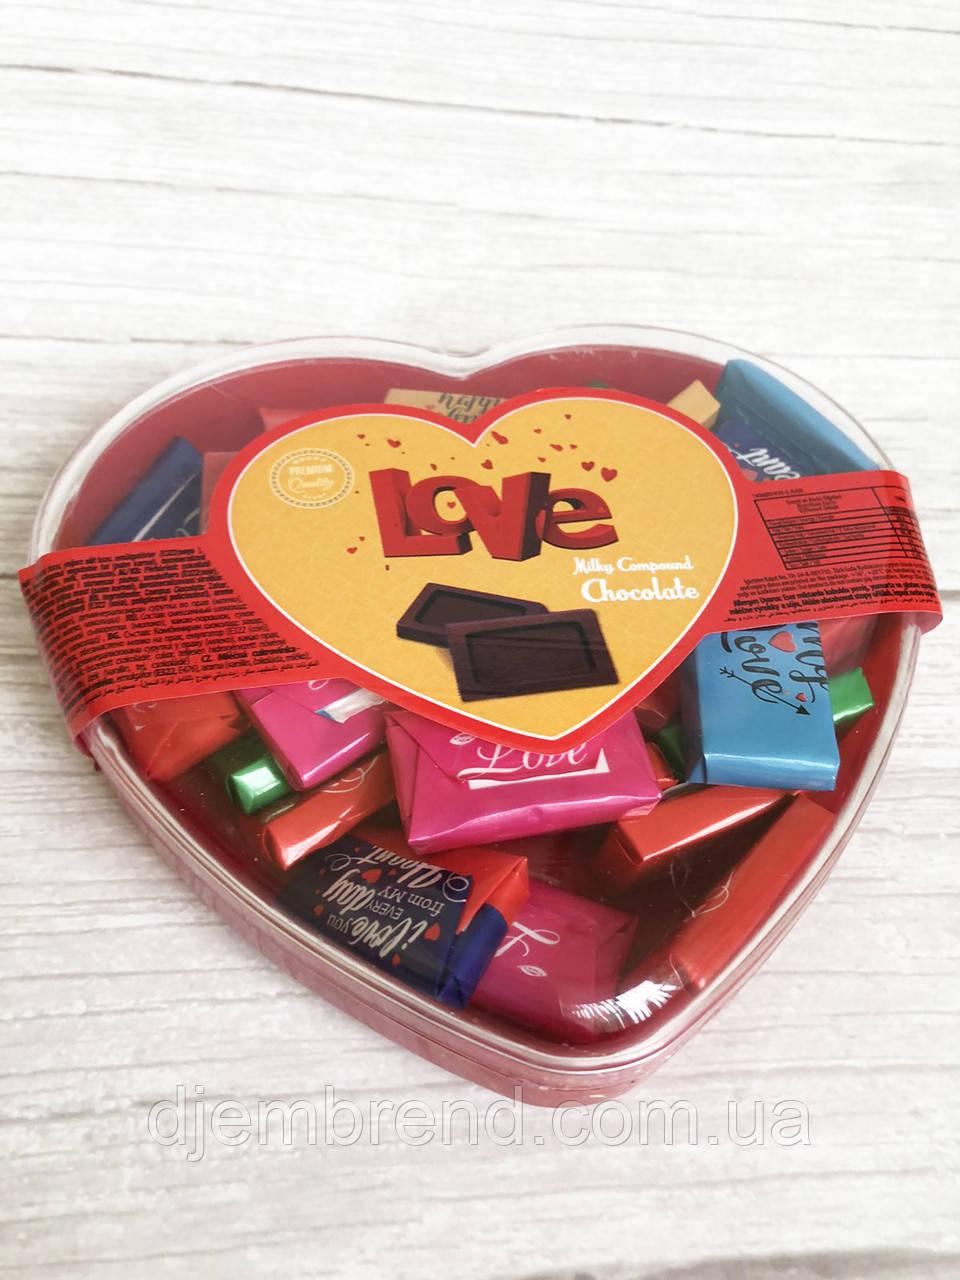 Шоколадные конфеты Love молочным шоколадом Vanelli , 150 гр